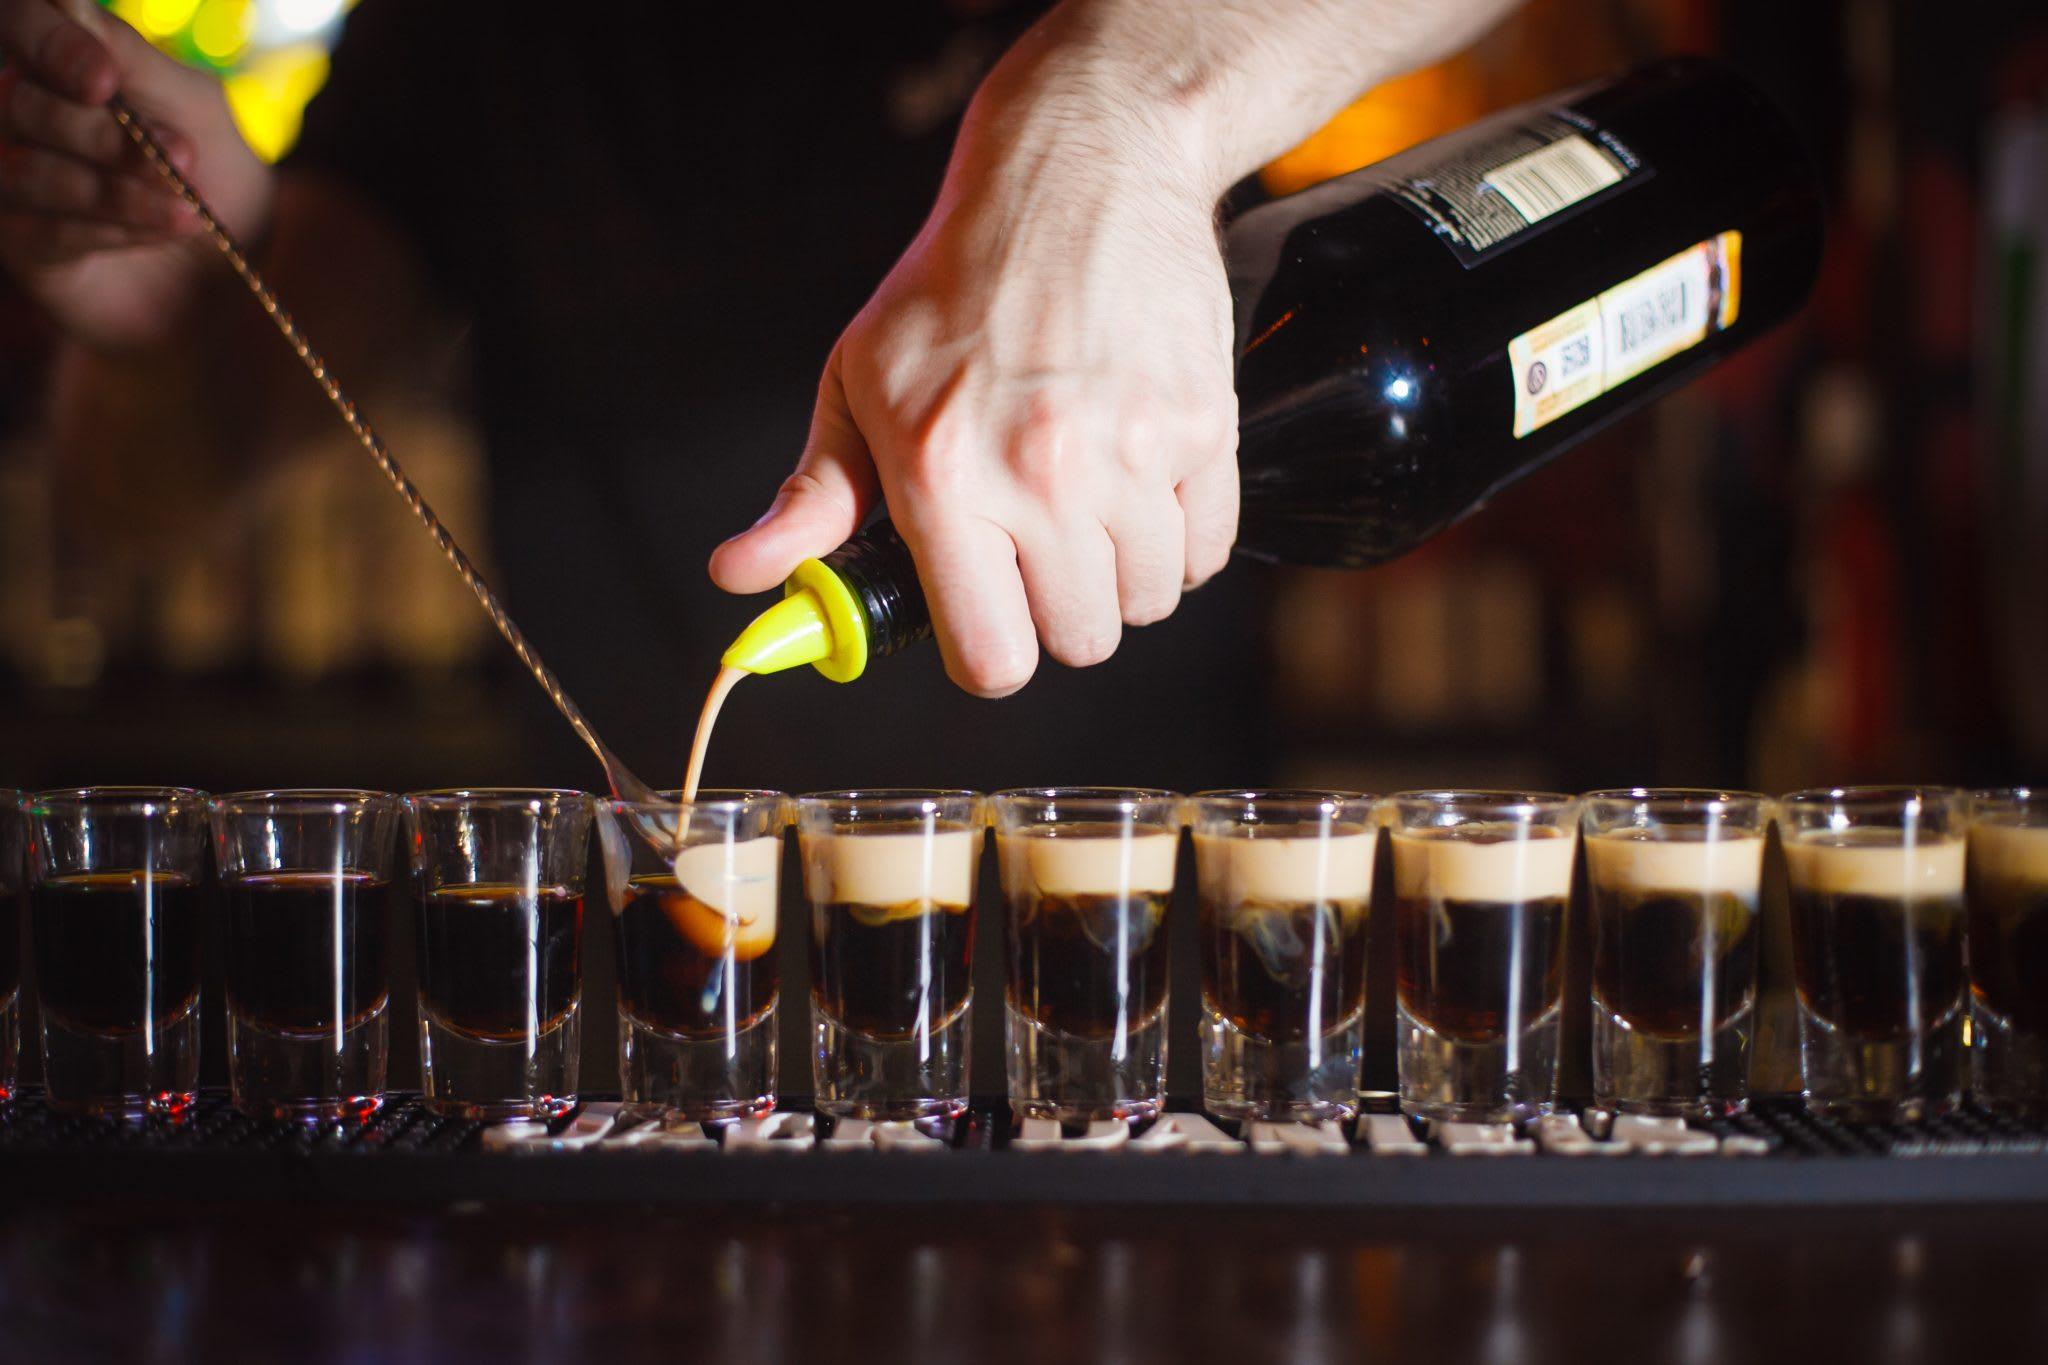 liquor, man, bartender, hand, bottle